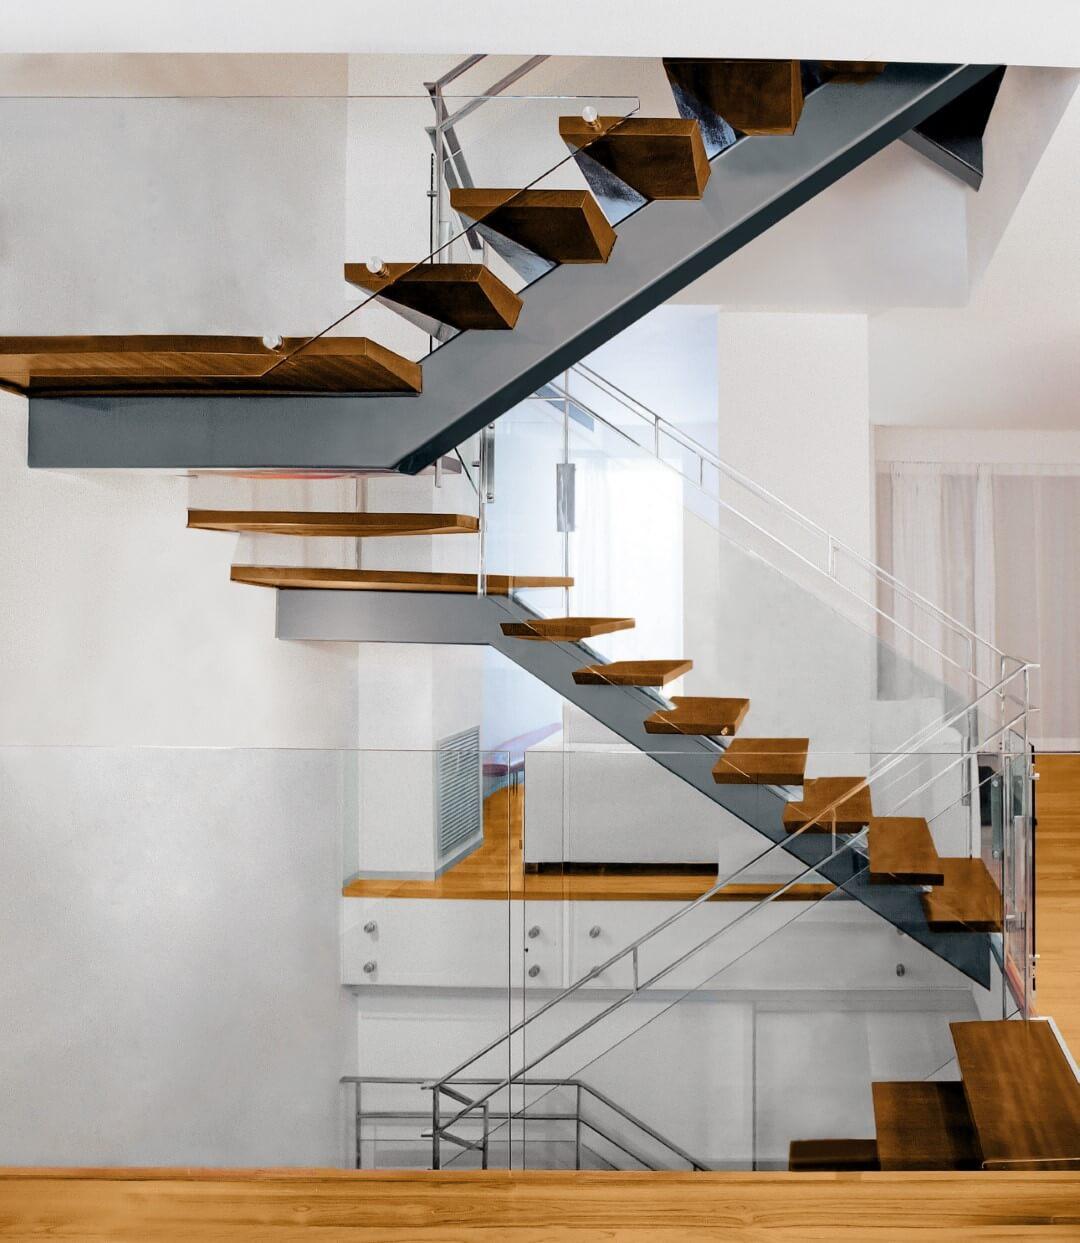 ארבעה גרמי מדרגות טרפזיות תלויות מברזל ועץ בחיתוך ועבודת יד עם מעקה נירוסטה וזכוכית